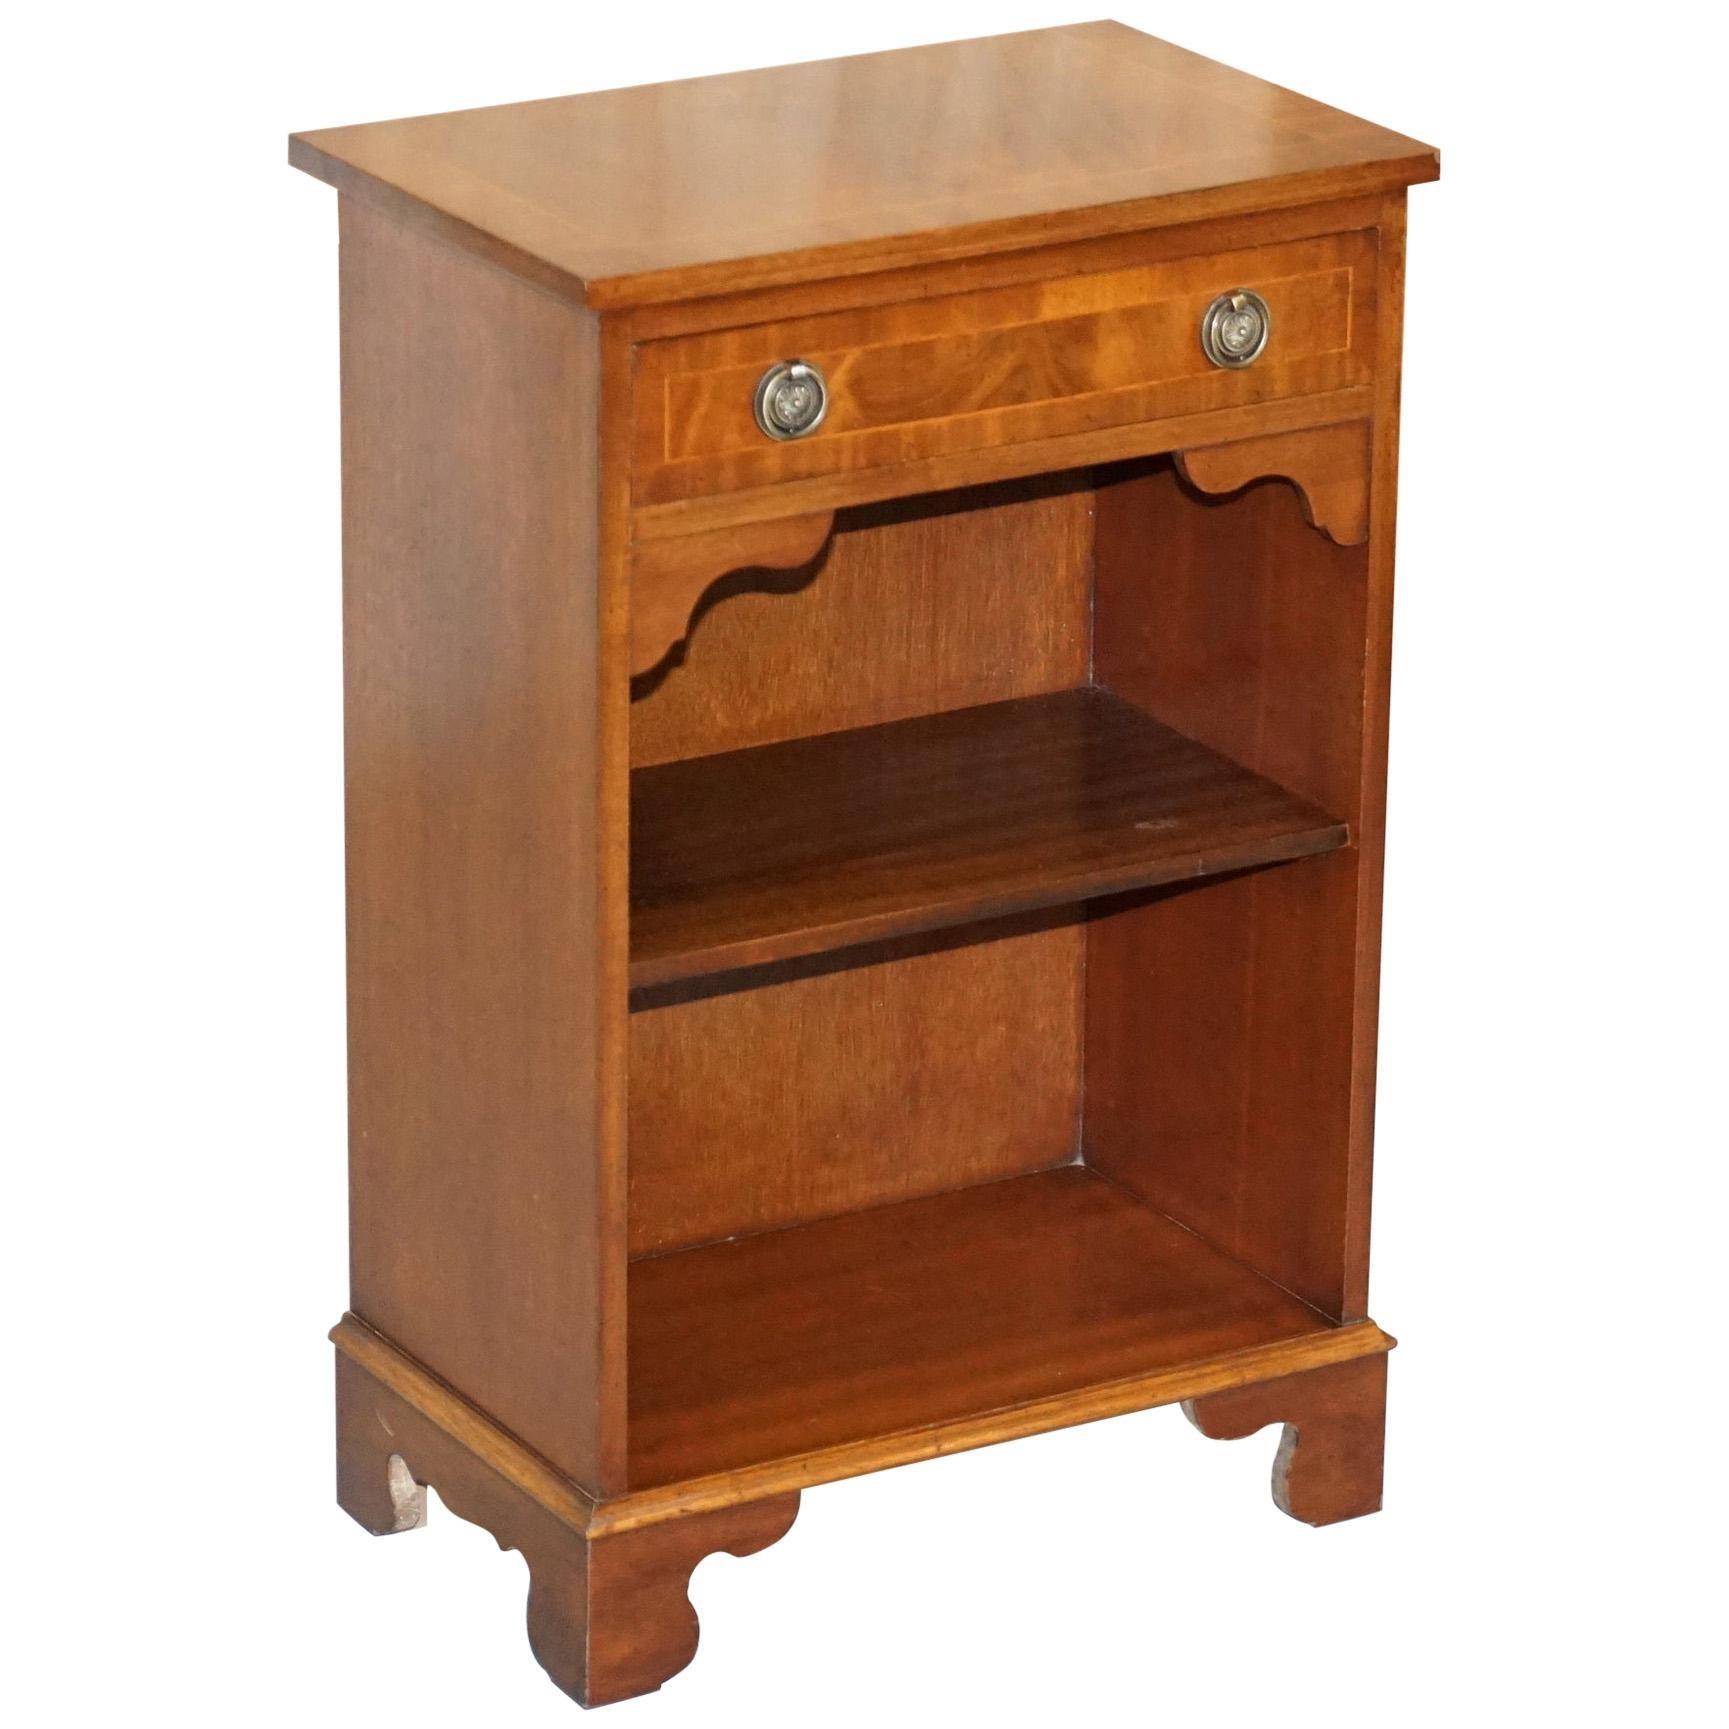 Vintage Bevan Funnell Flamed Hardwood Side Table Cabinet Bookcase Single Drawer